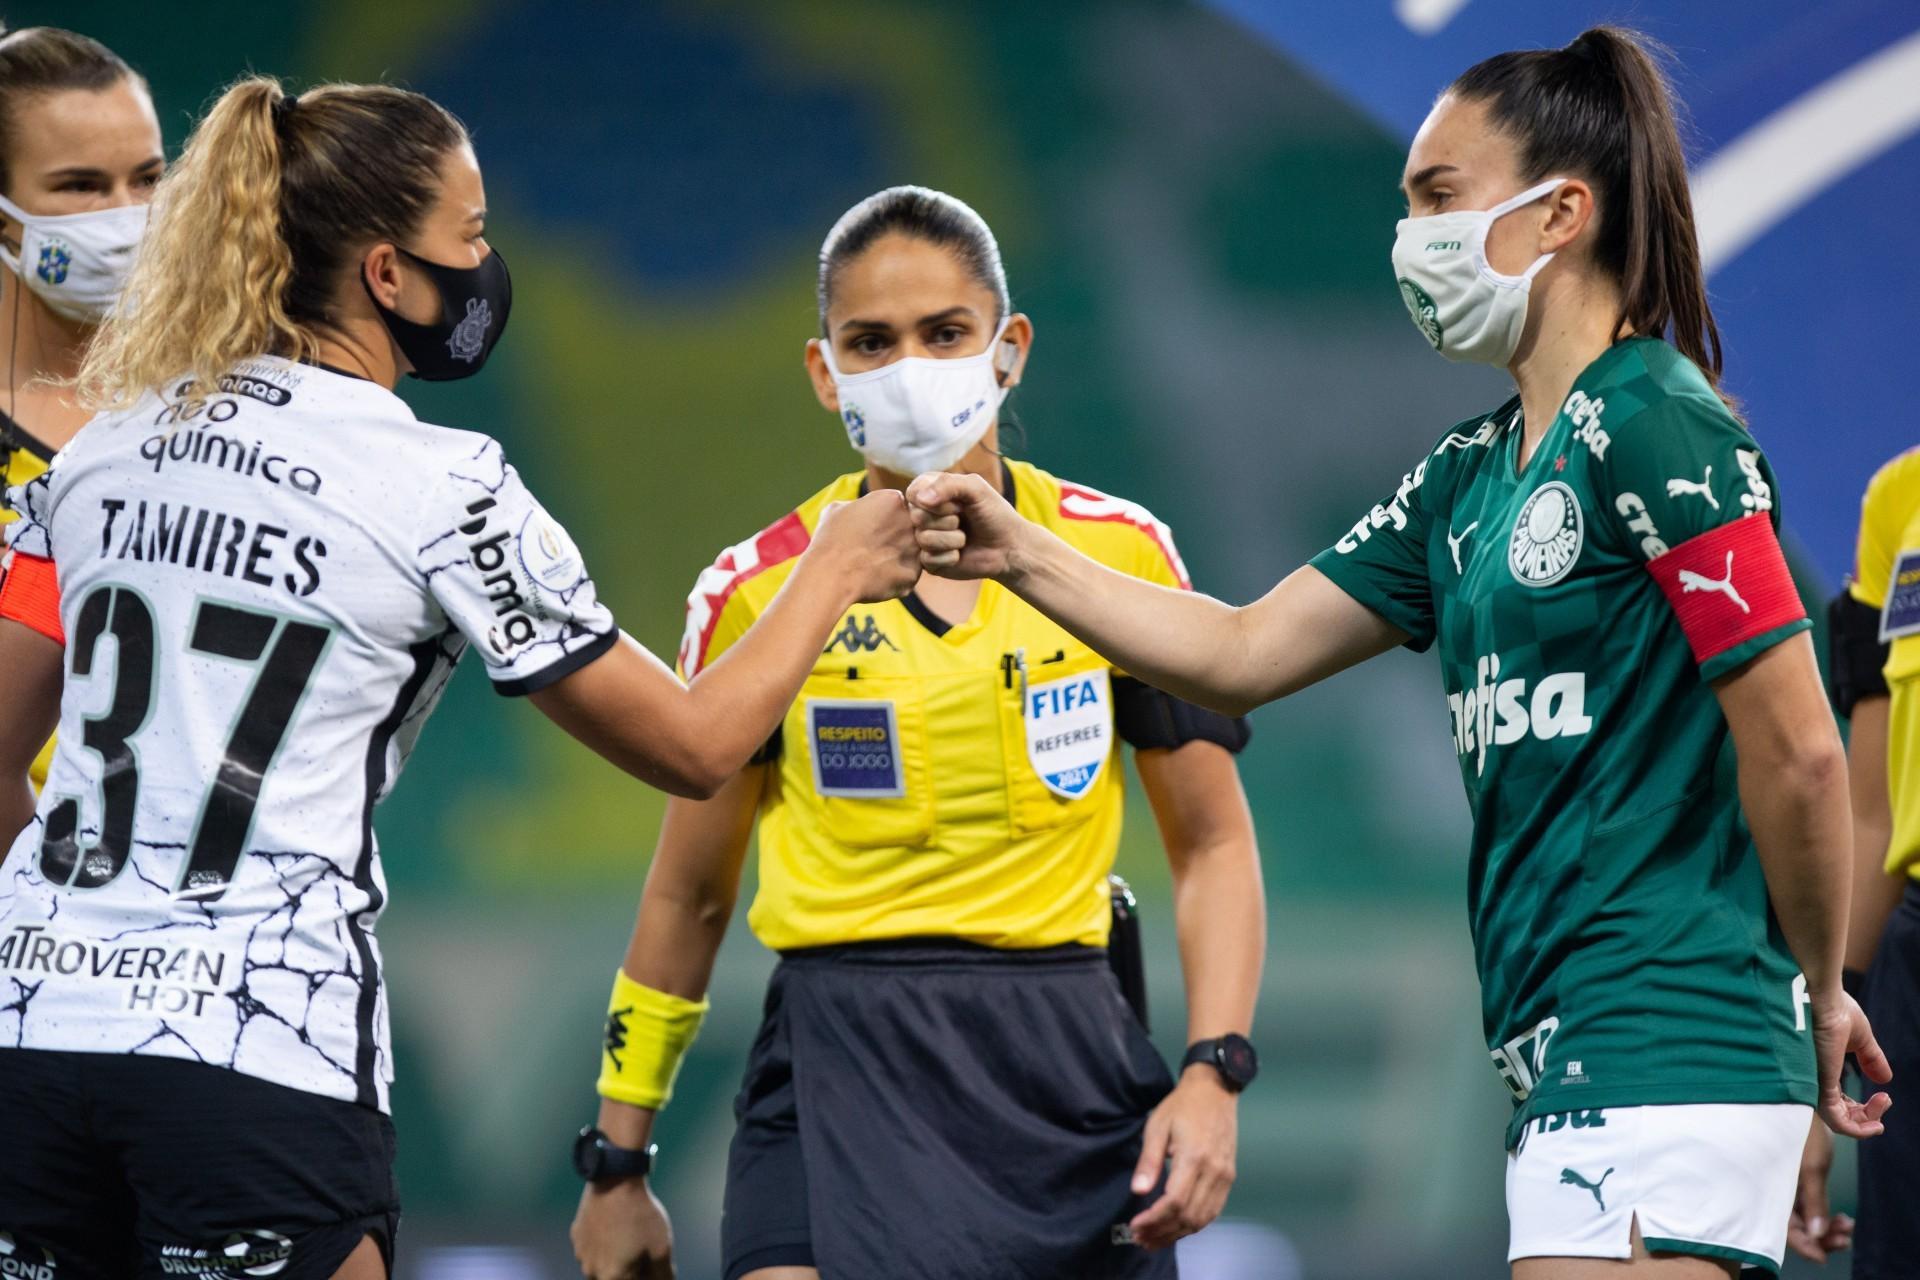 O mito da falta de audiência do futebol feminino